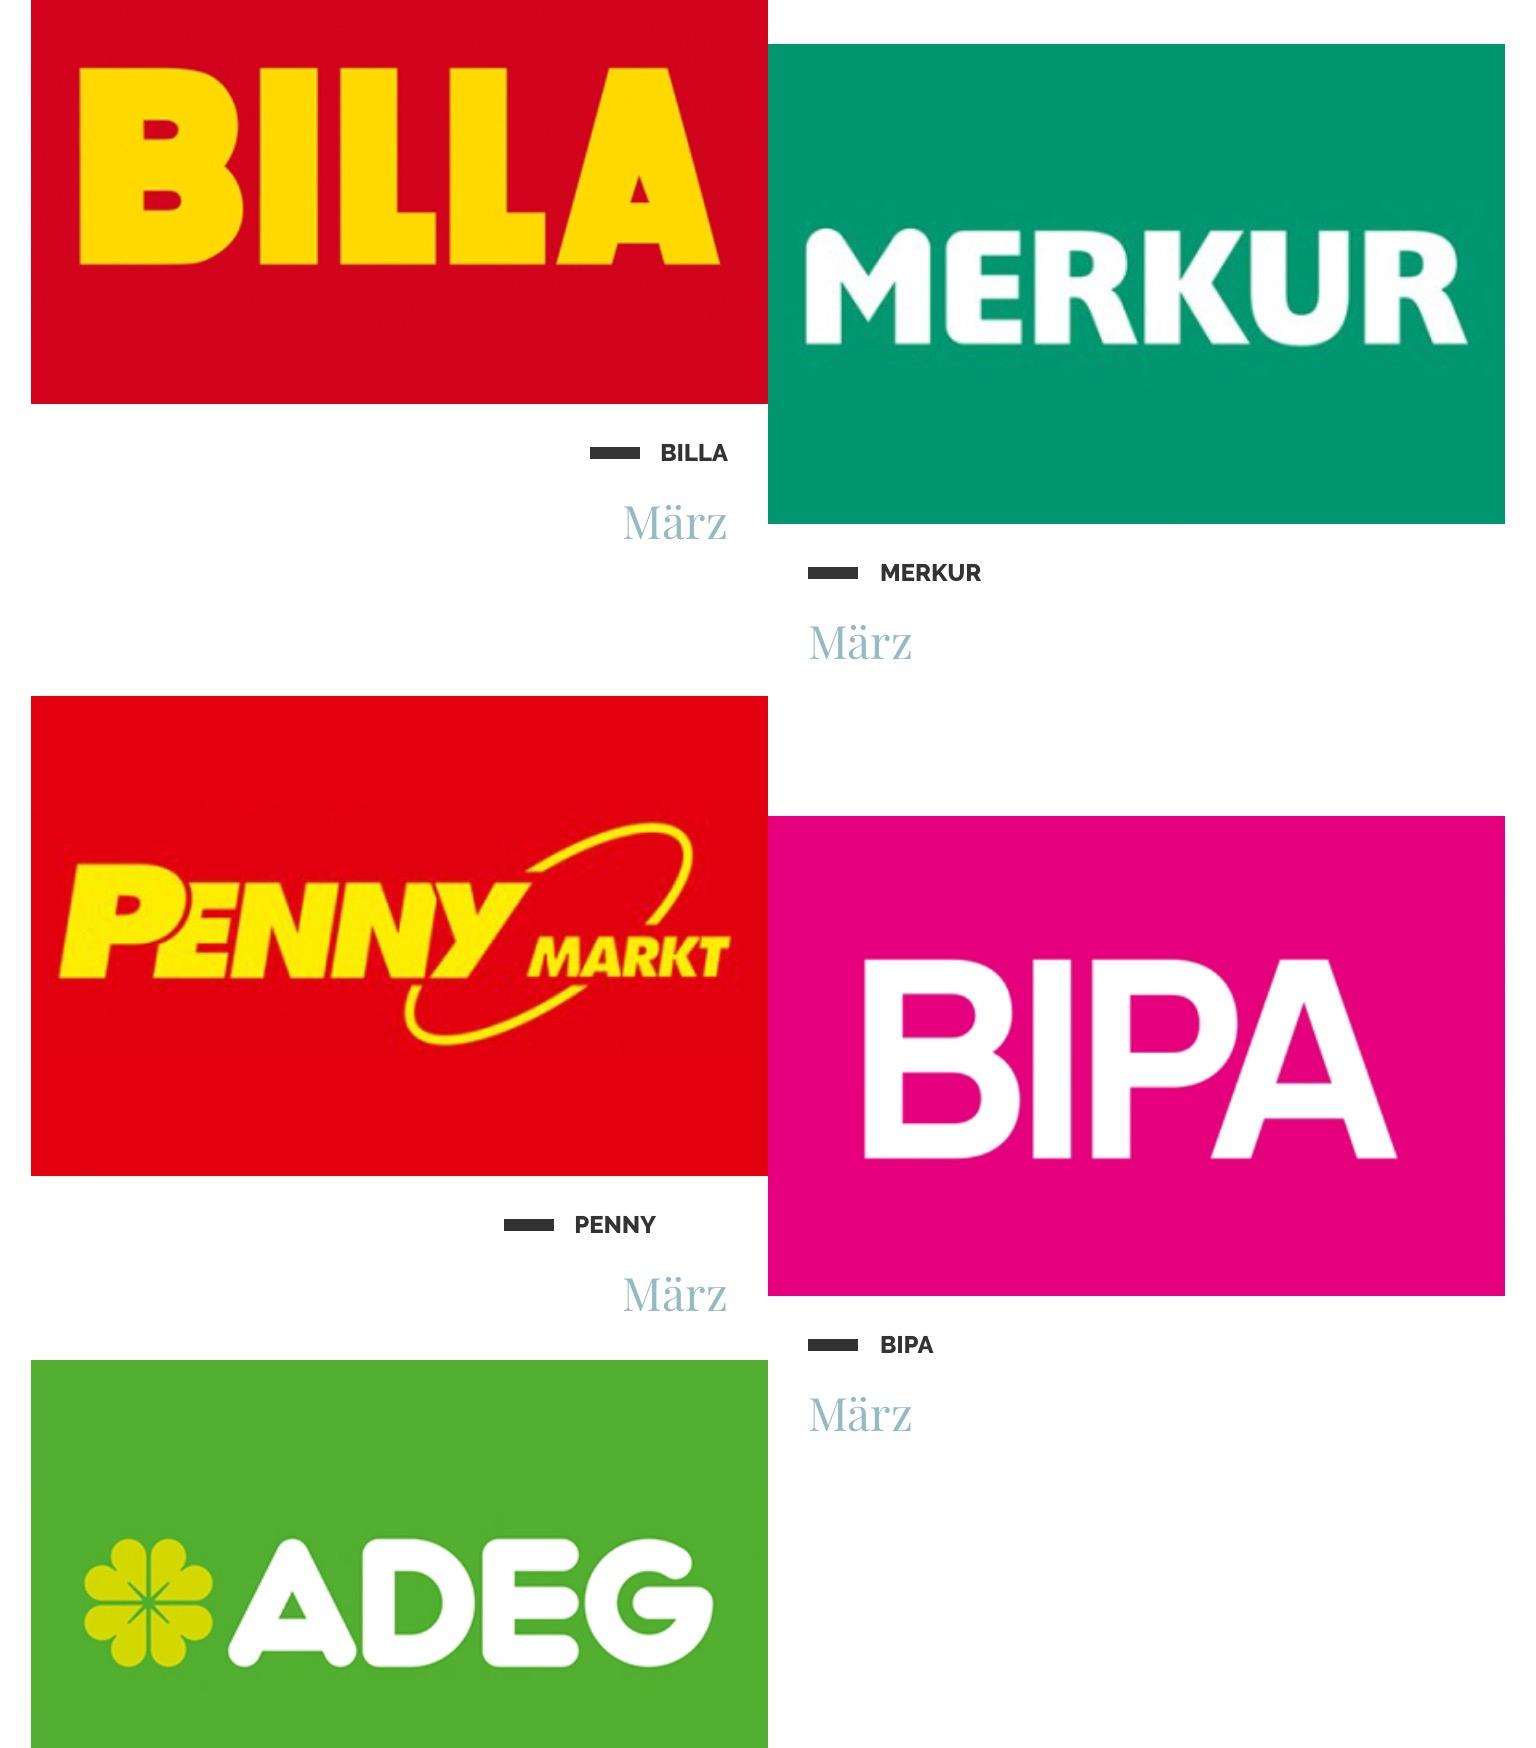 1+1 Gratis Gutscheine (Adeg, Billa, Bipa, Merkur, Penny) - 50% sparen